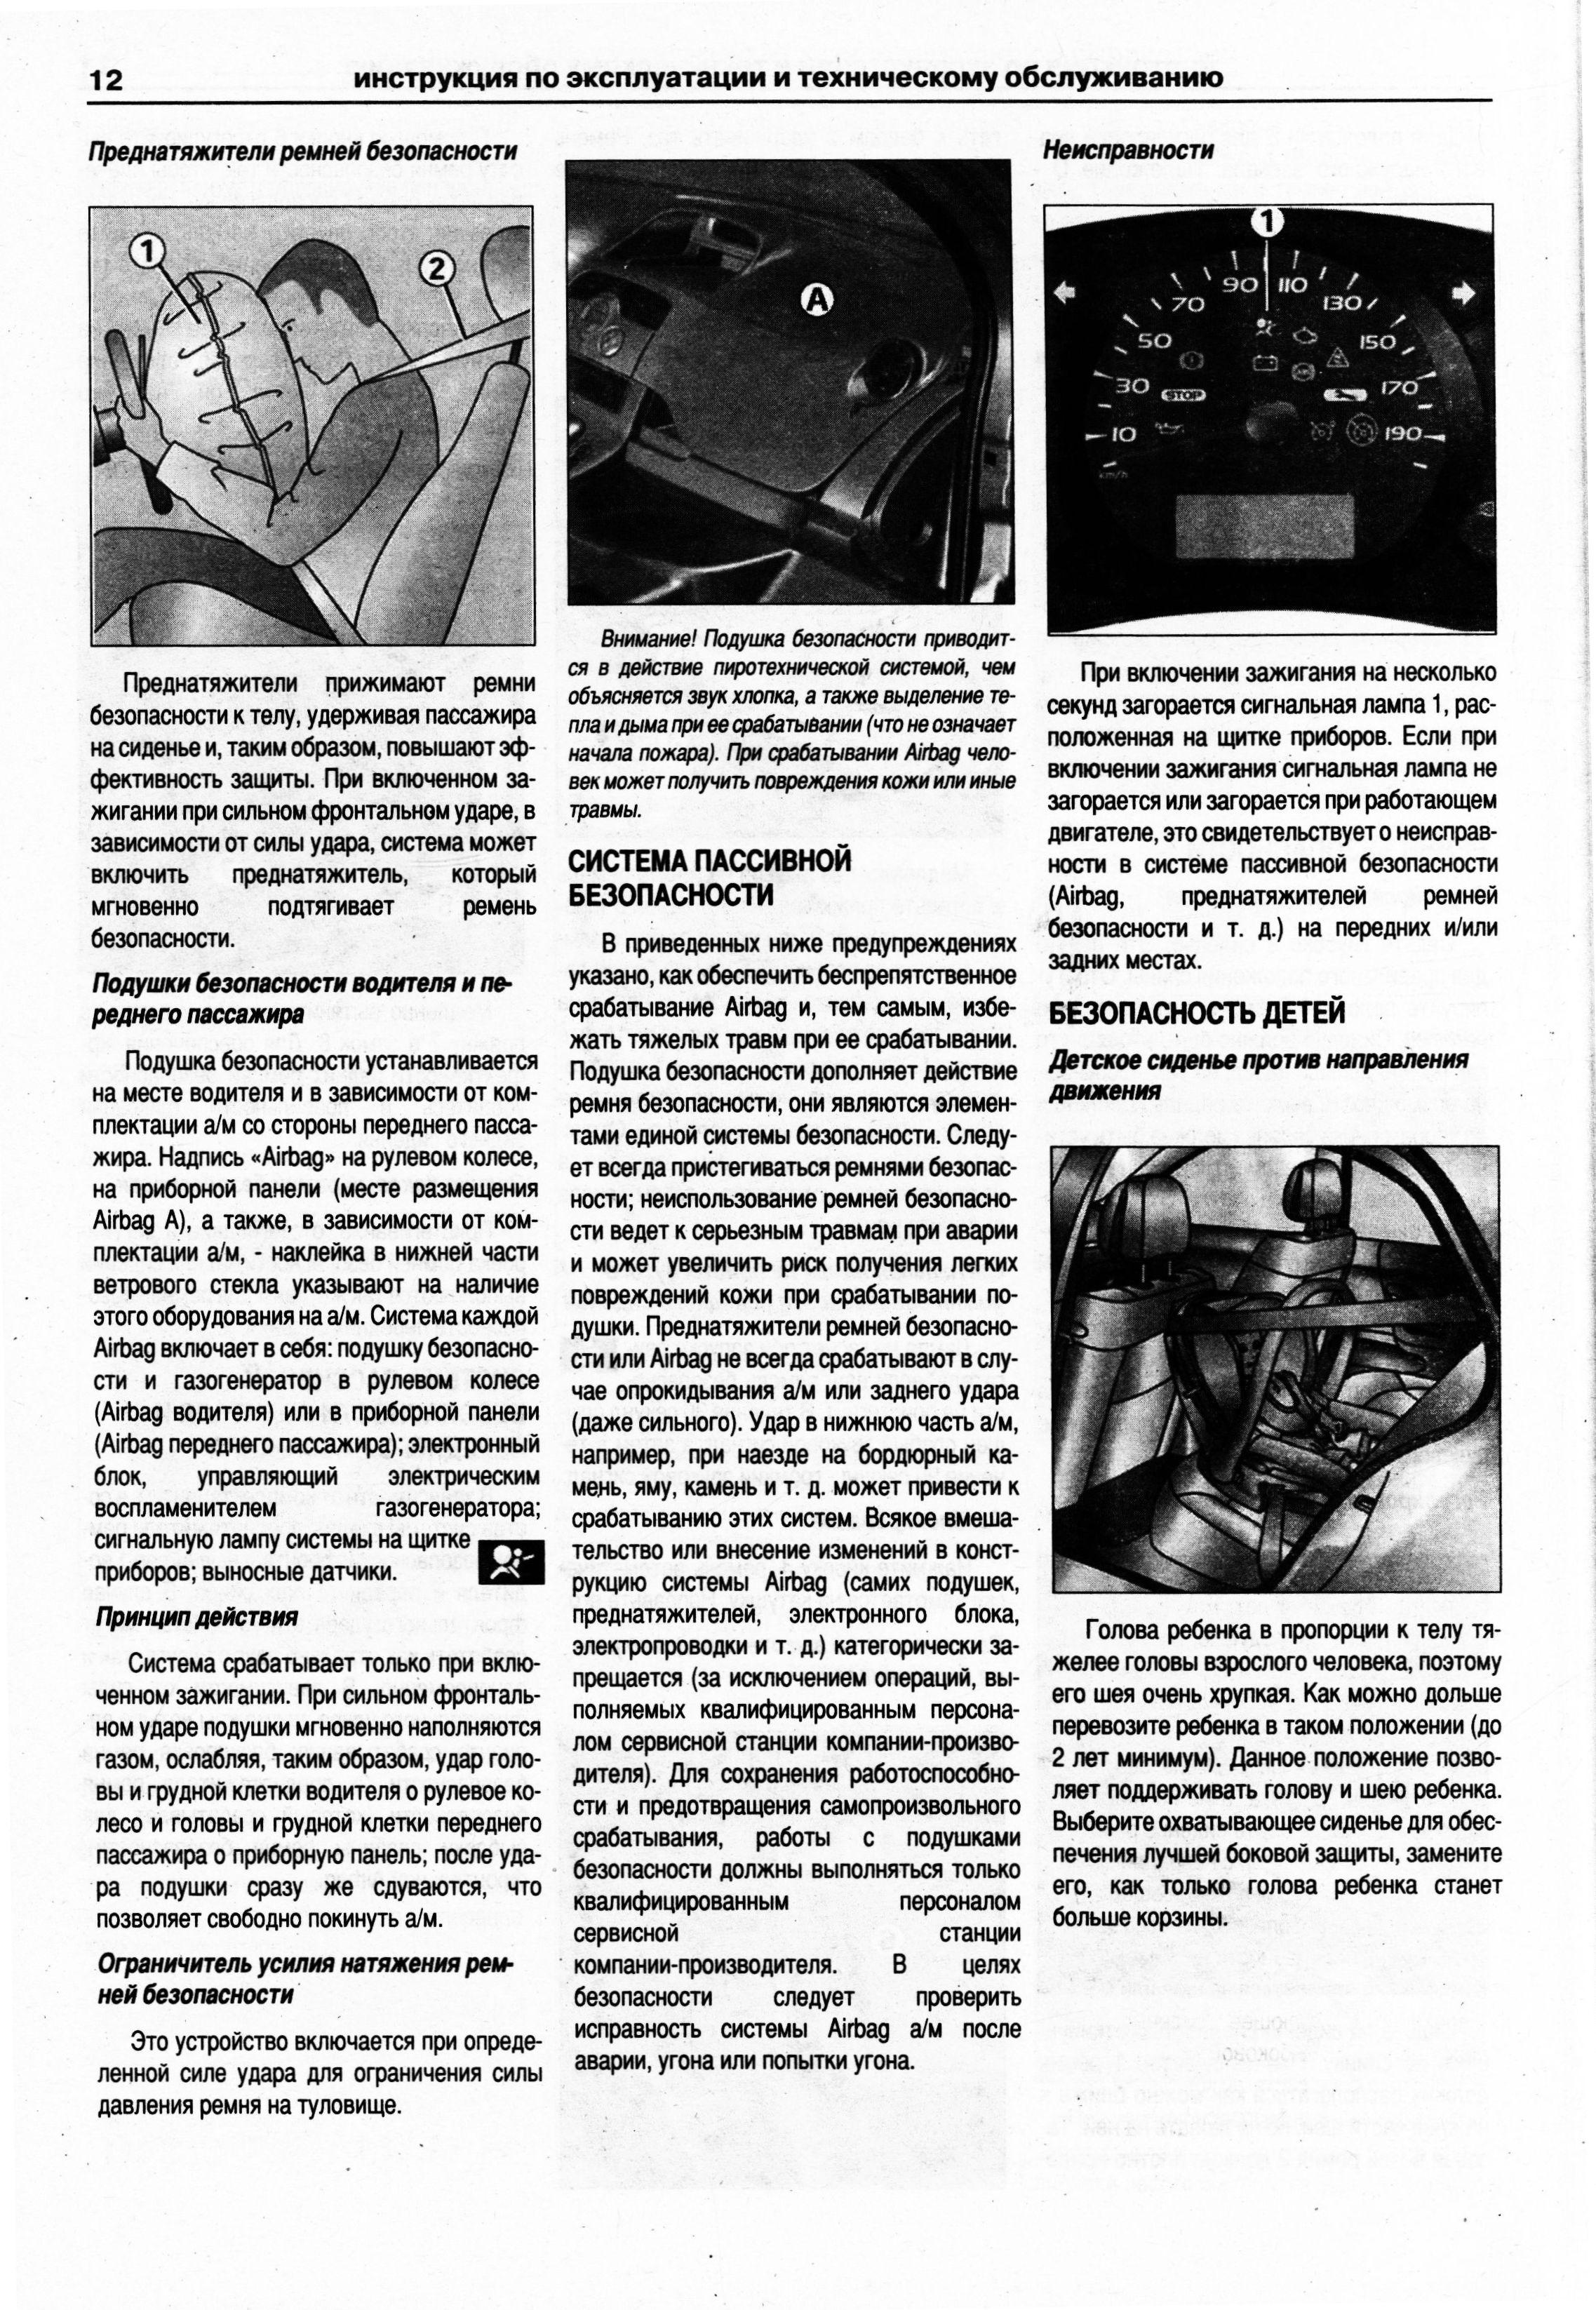 руководство по эксплуатации рено кангу 2